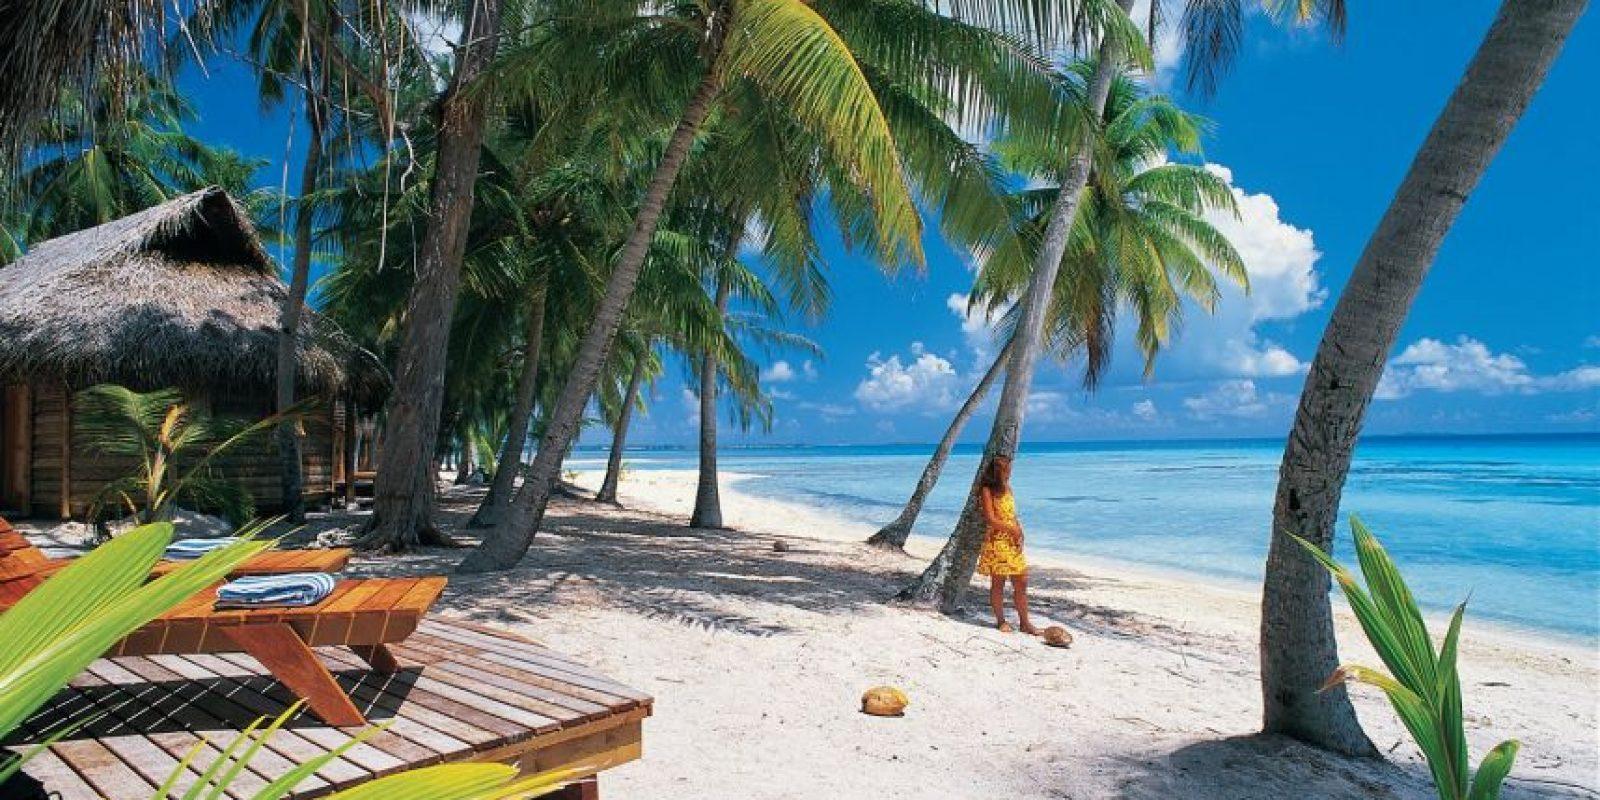 La República Dominicana se perfila como el primer destino Turistico de Salud del Caribe. Foto:Fuente externa